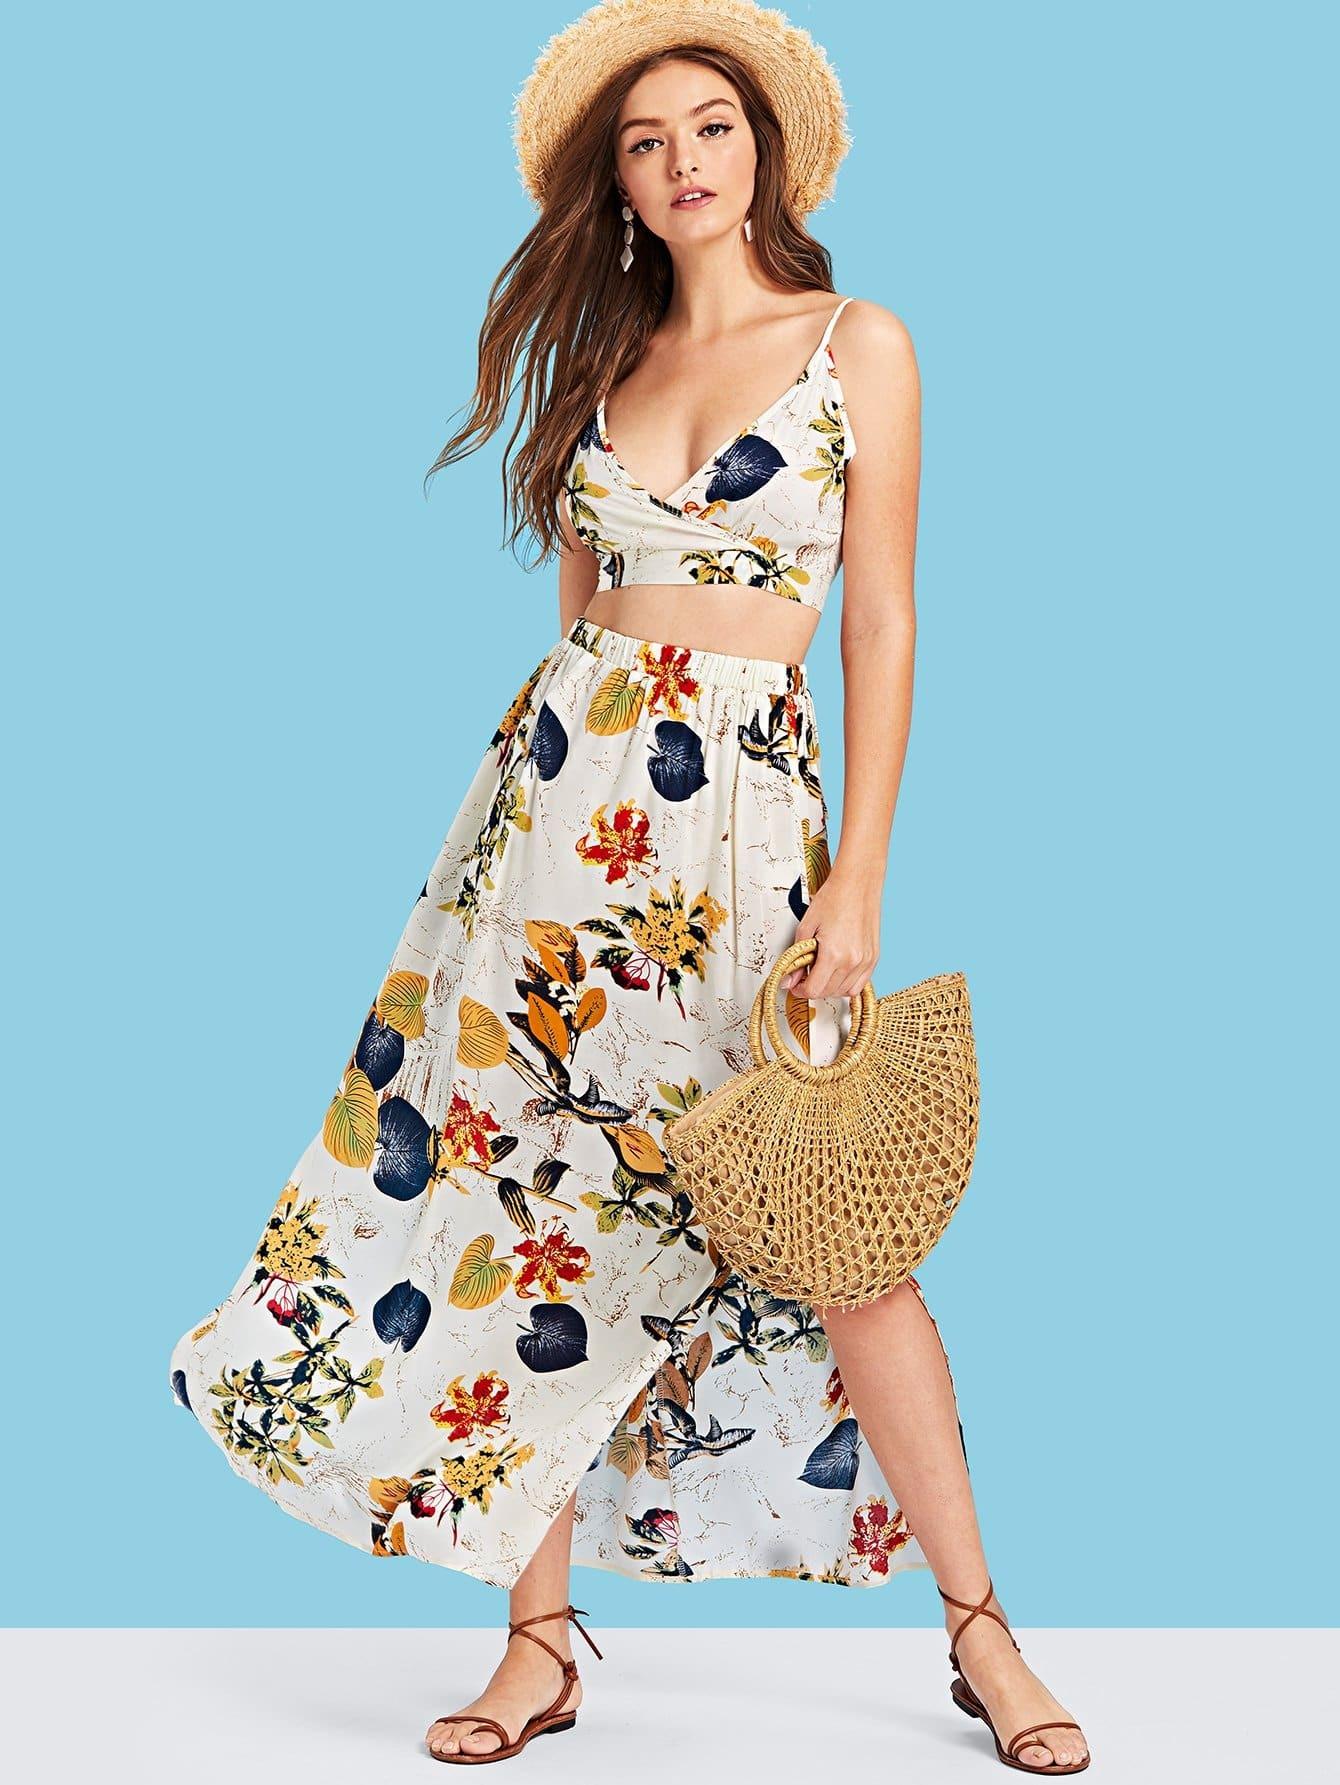 Botanical Print Surplice Wrap Crop Top and Skirt Set botanical print surplice wrap dress